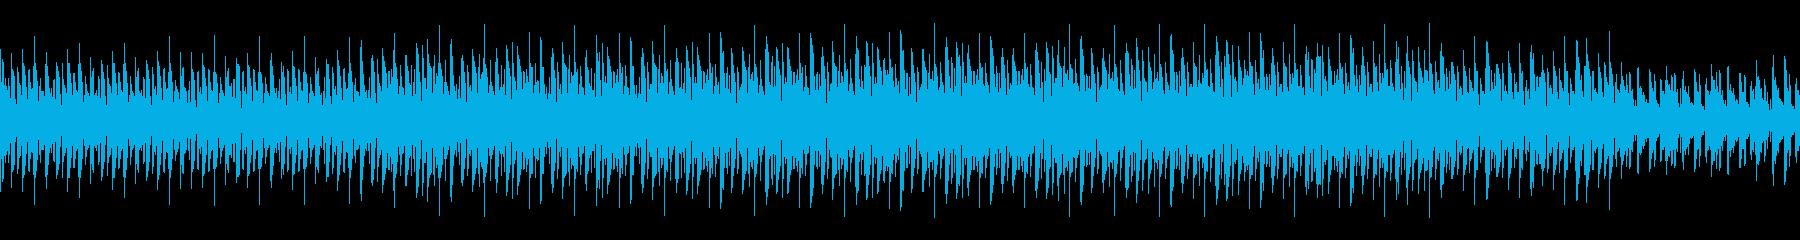 マリンバによるテクノ風ループ曲の再生済みの波形